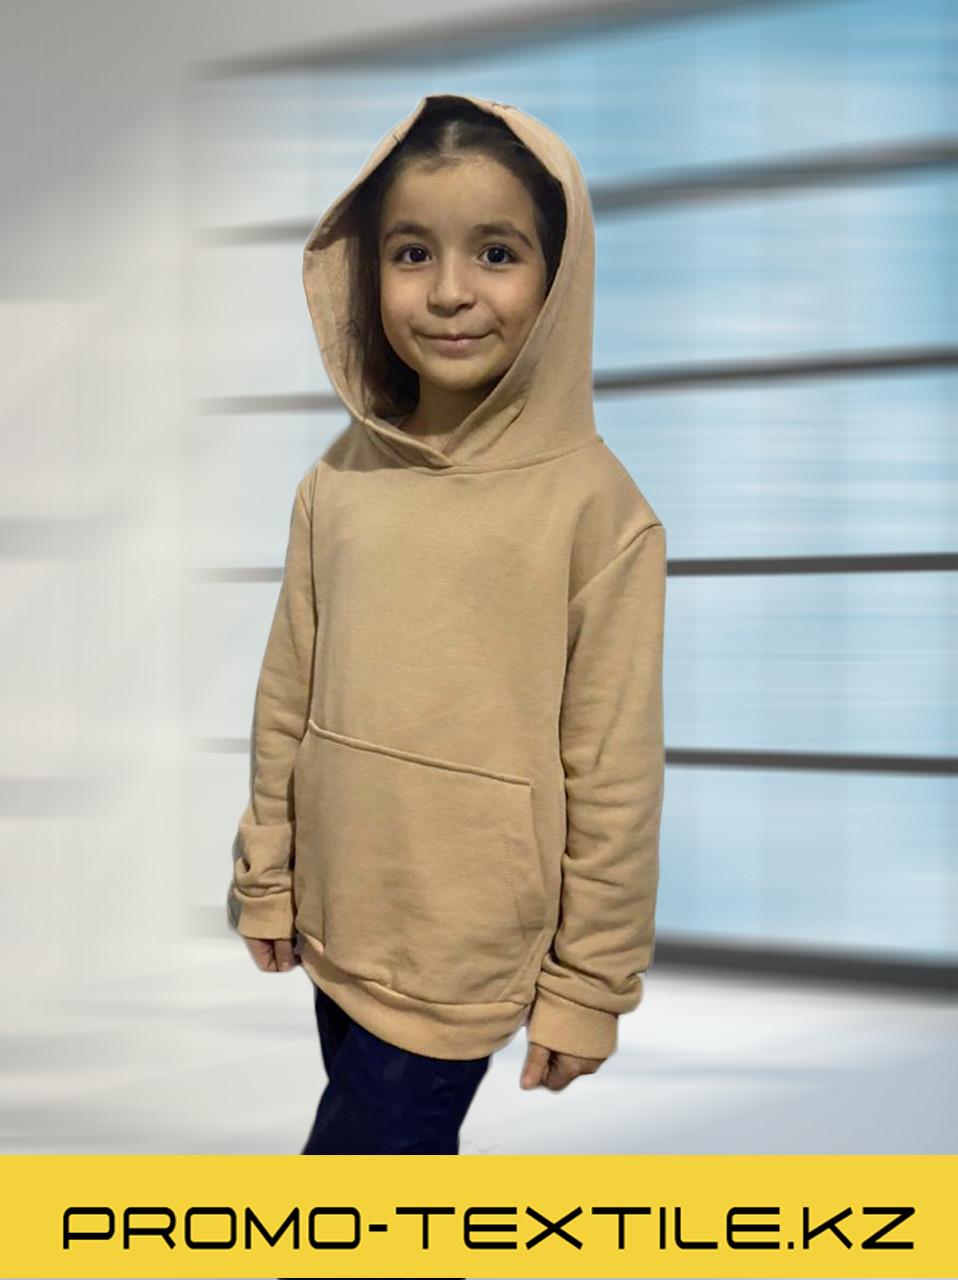 Детские худи под заказ | Однотонные худи толстовки с капюшоном